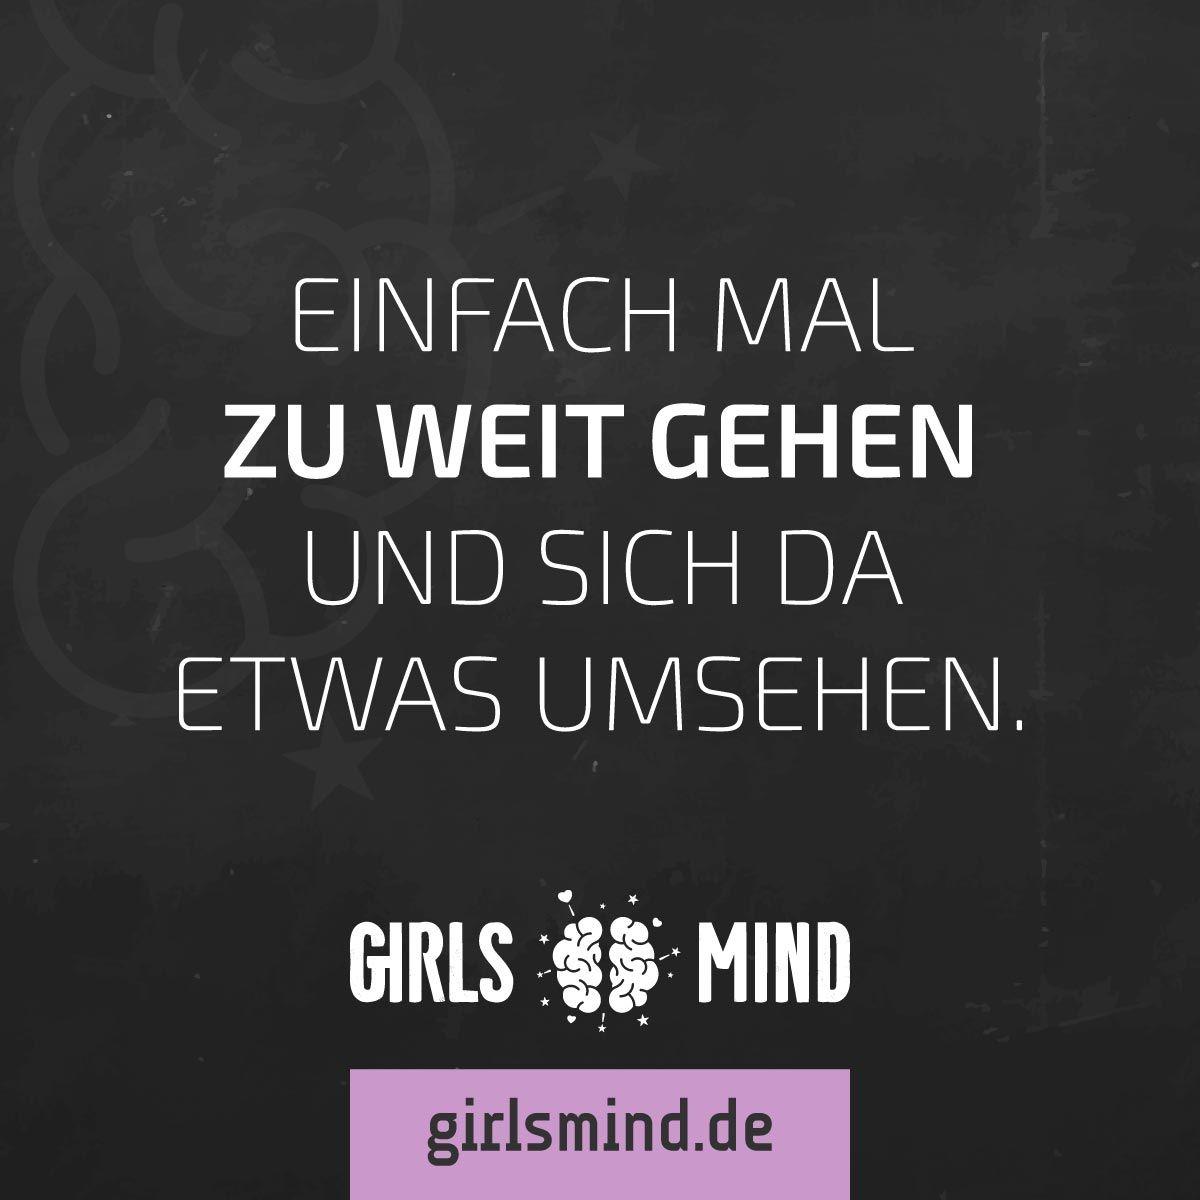 spaß im leben sprüche Mehr Sprüche auf: .girlsmind.de #verrückt #crazy #verrücktheit  spaß im leben sprüche